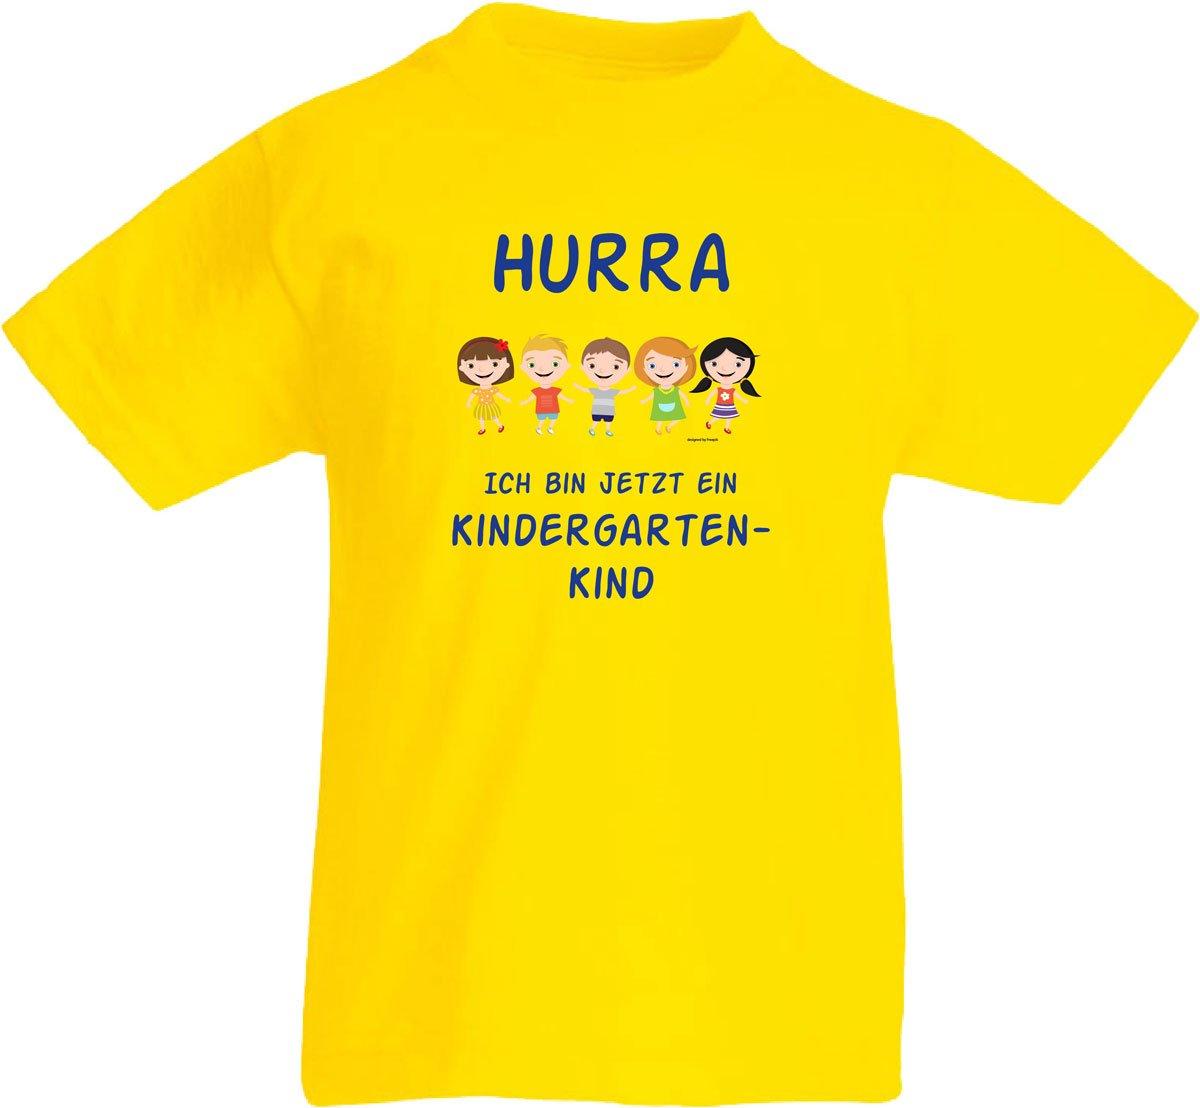 Kinder T-Shirt Hurra Kindergartenkind - Konzept-Werbeartikel bestimmt für T-Shirt Kindergartenkind